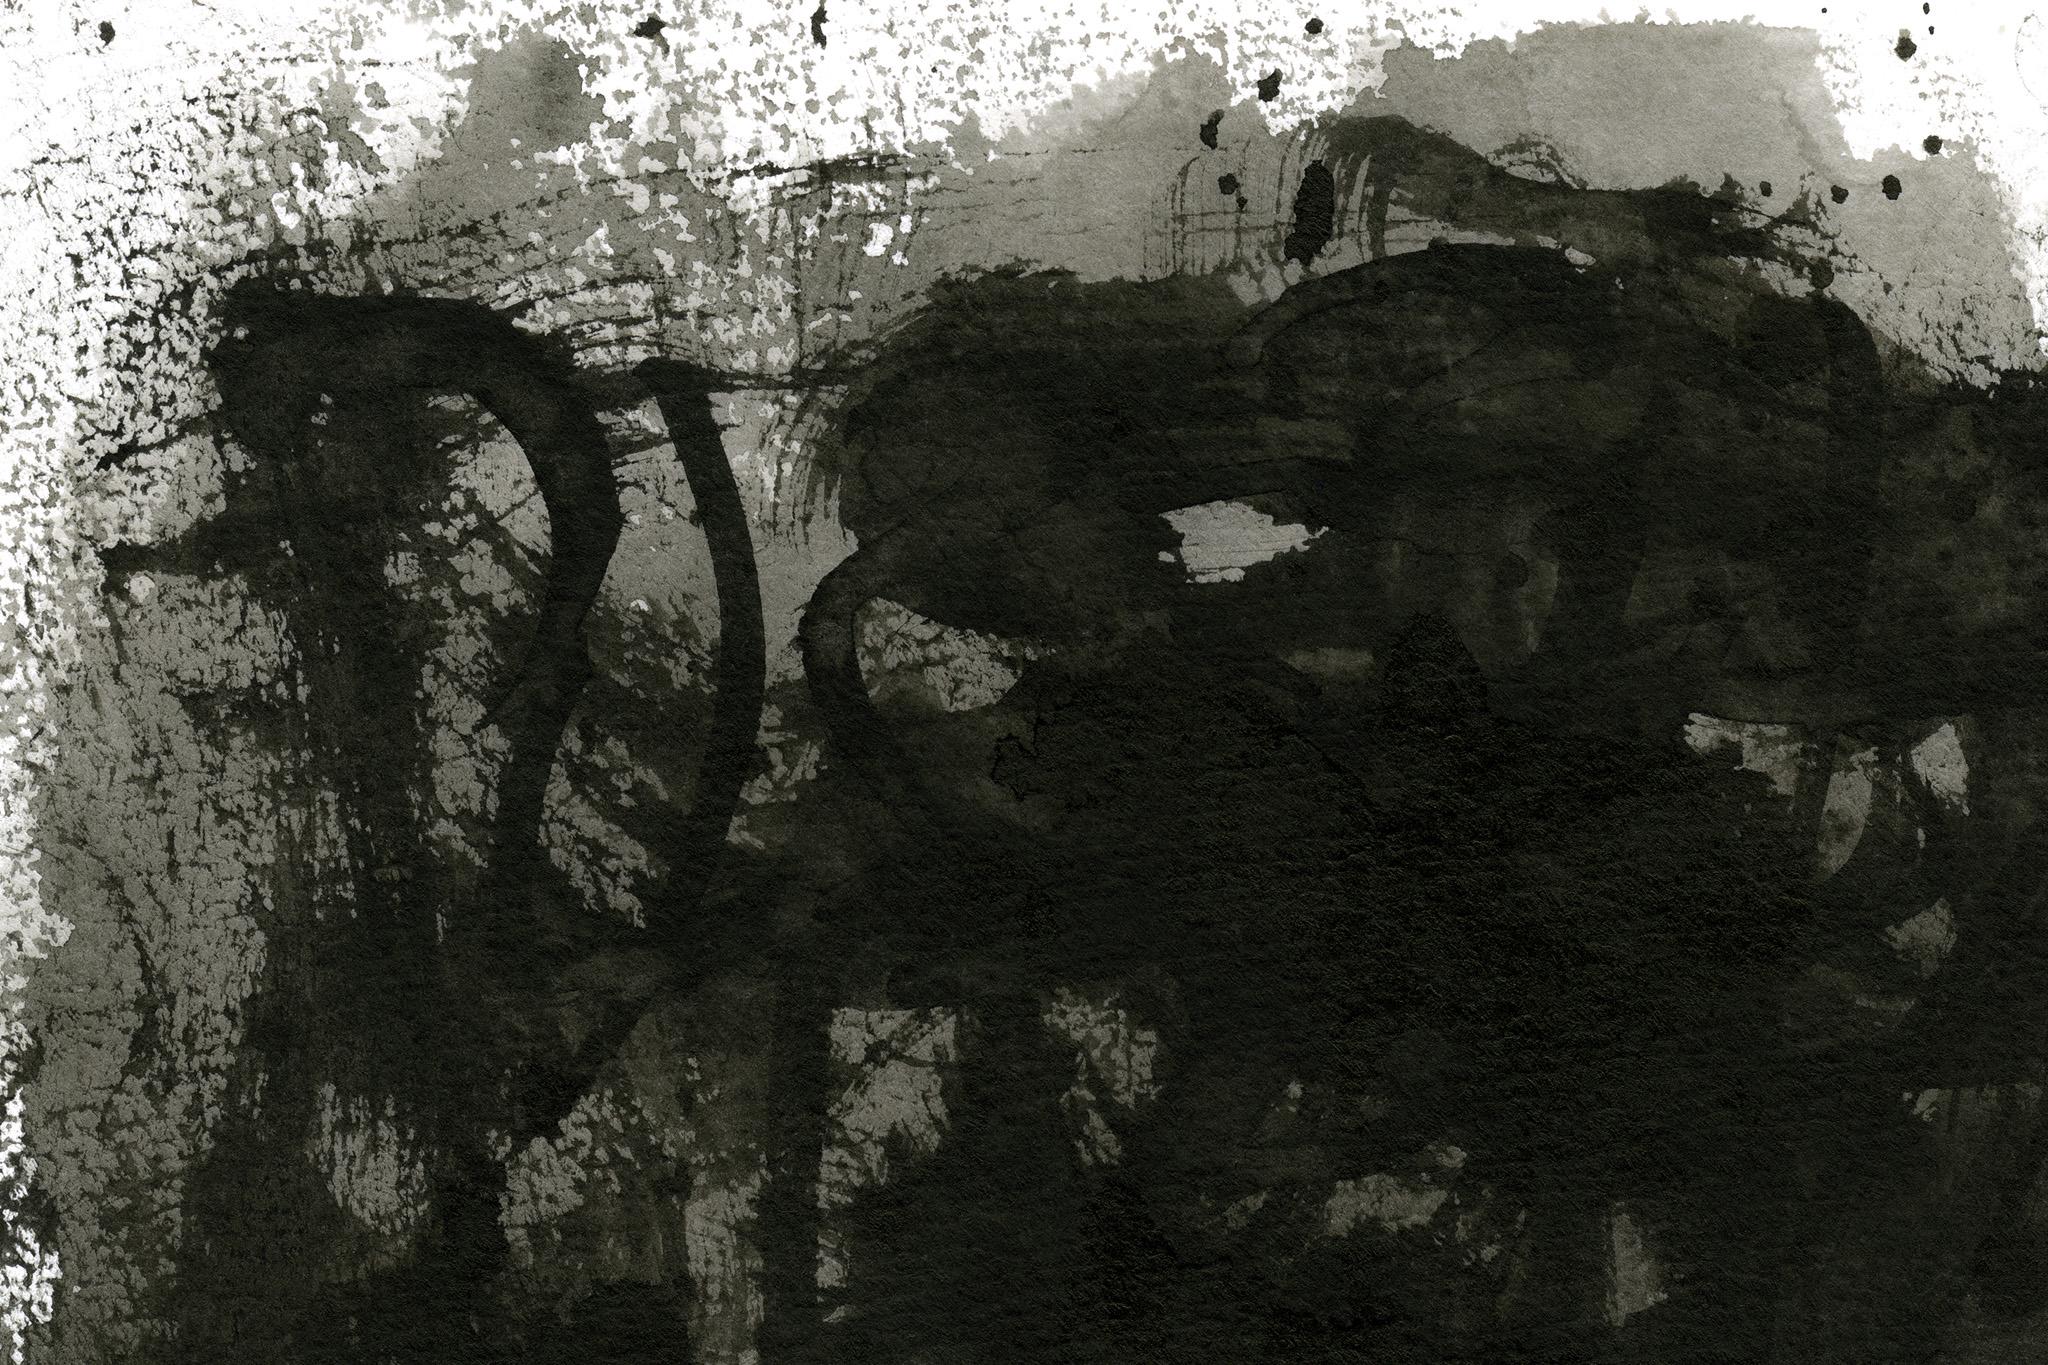 「濃淡のある掠れた墨のテクスチャ」